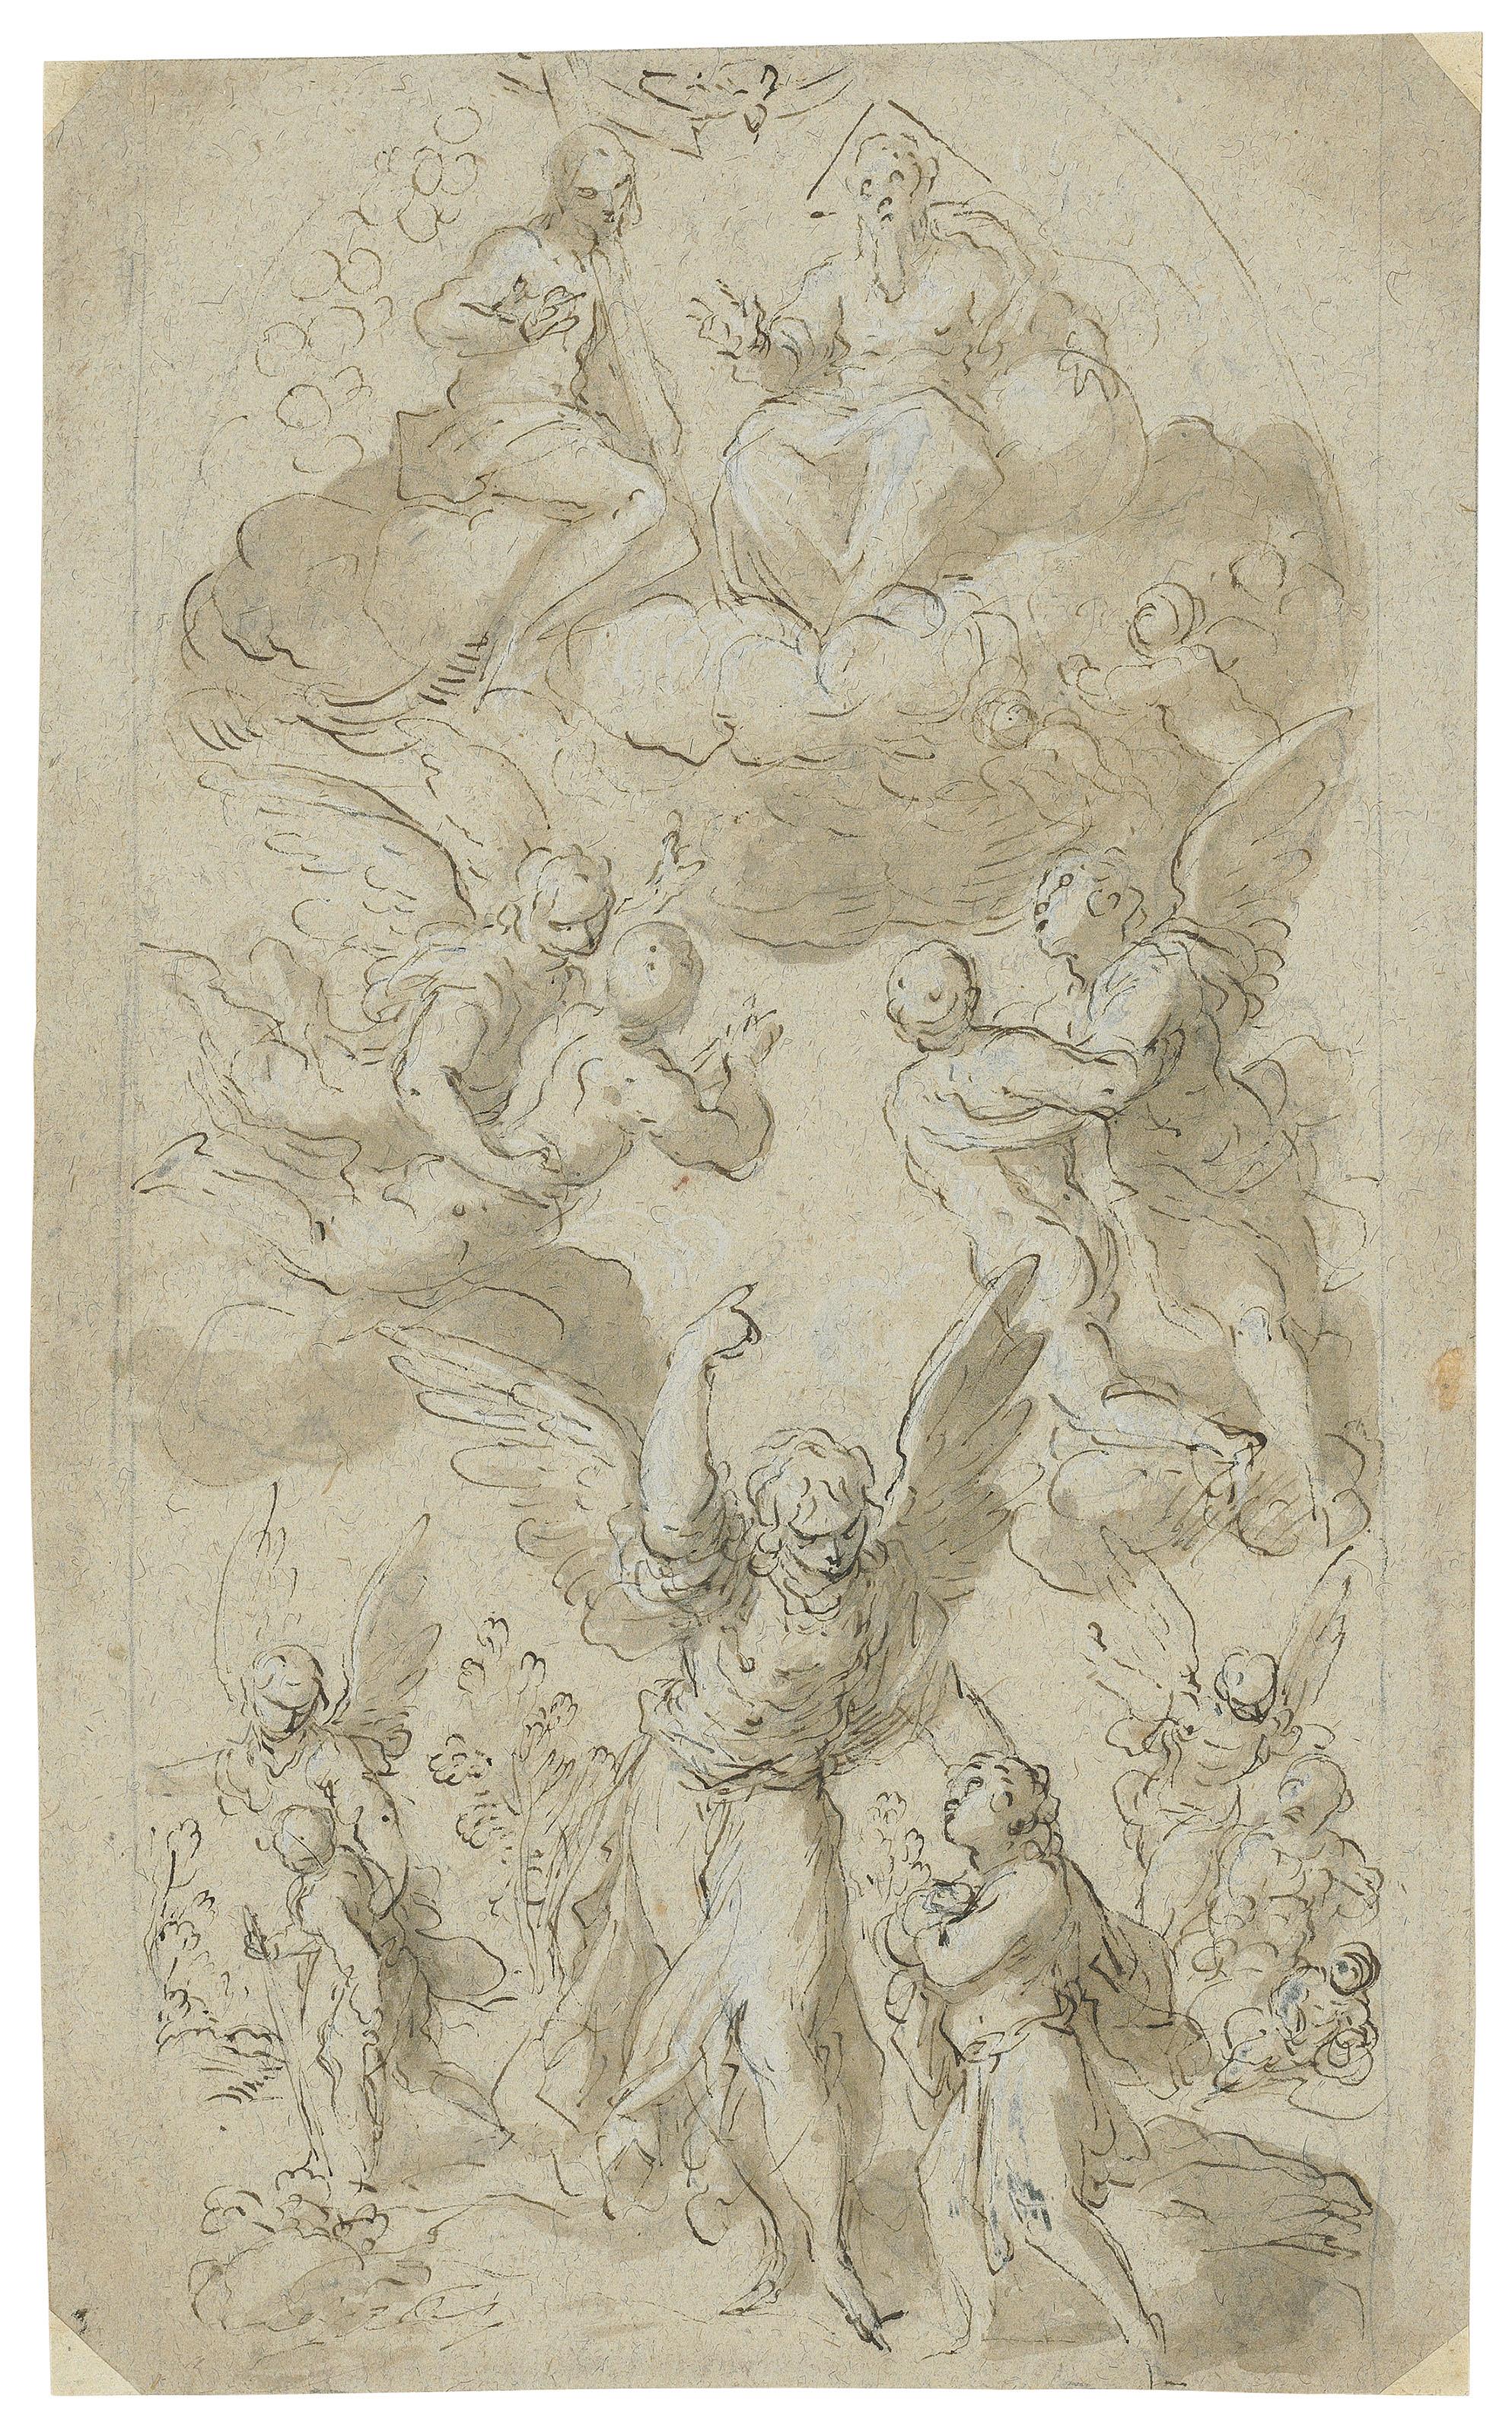 Jacopo Negretti, Palma il Giovane (Venice circa 1550-1628)